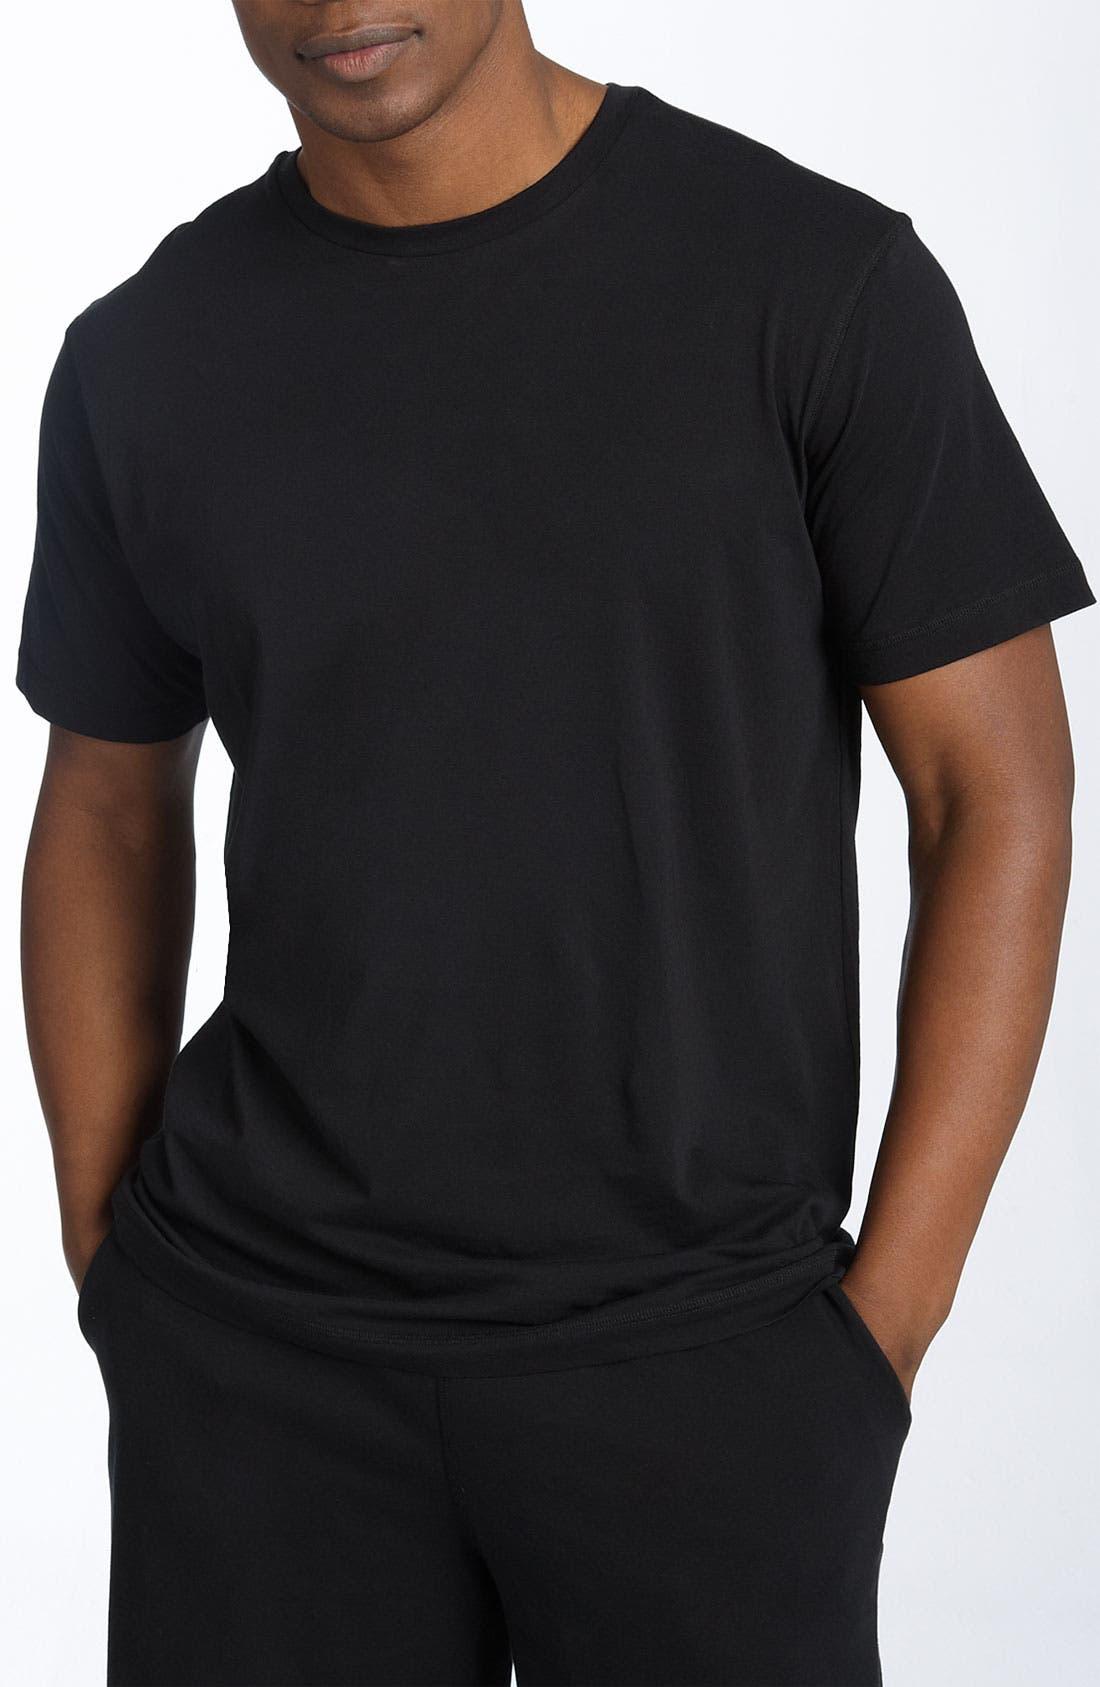 Peruvian Pima Cotton T-Shirt,                             Main thumbnail 1, color,                             BLACK